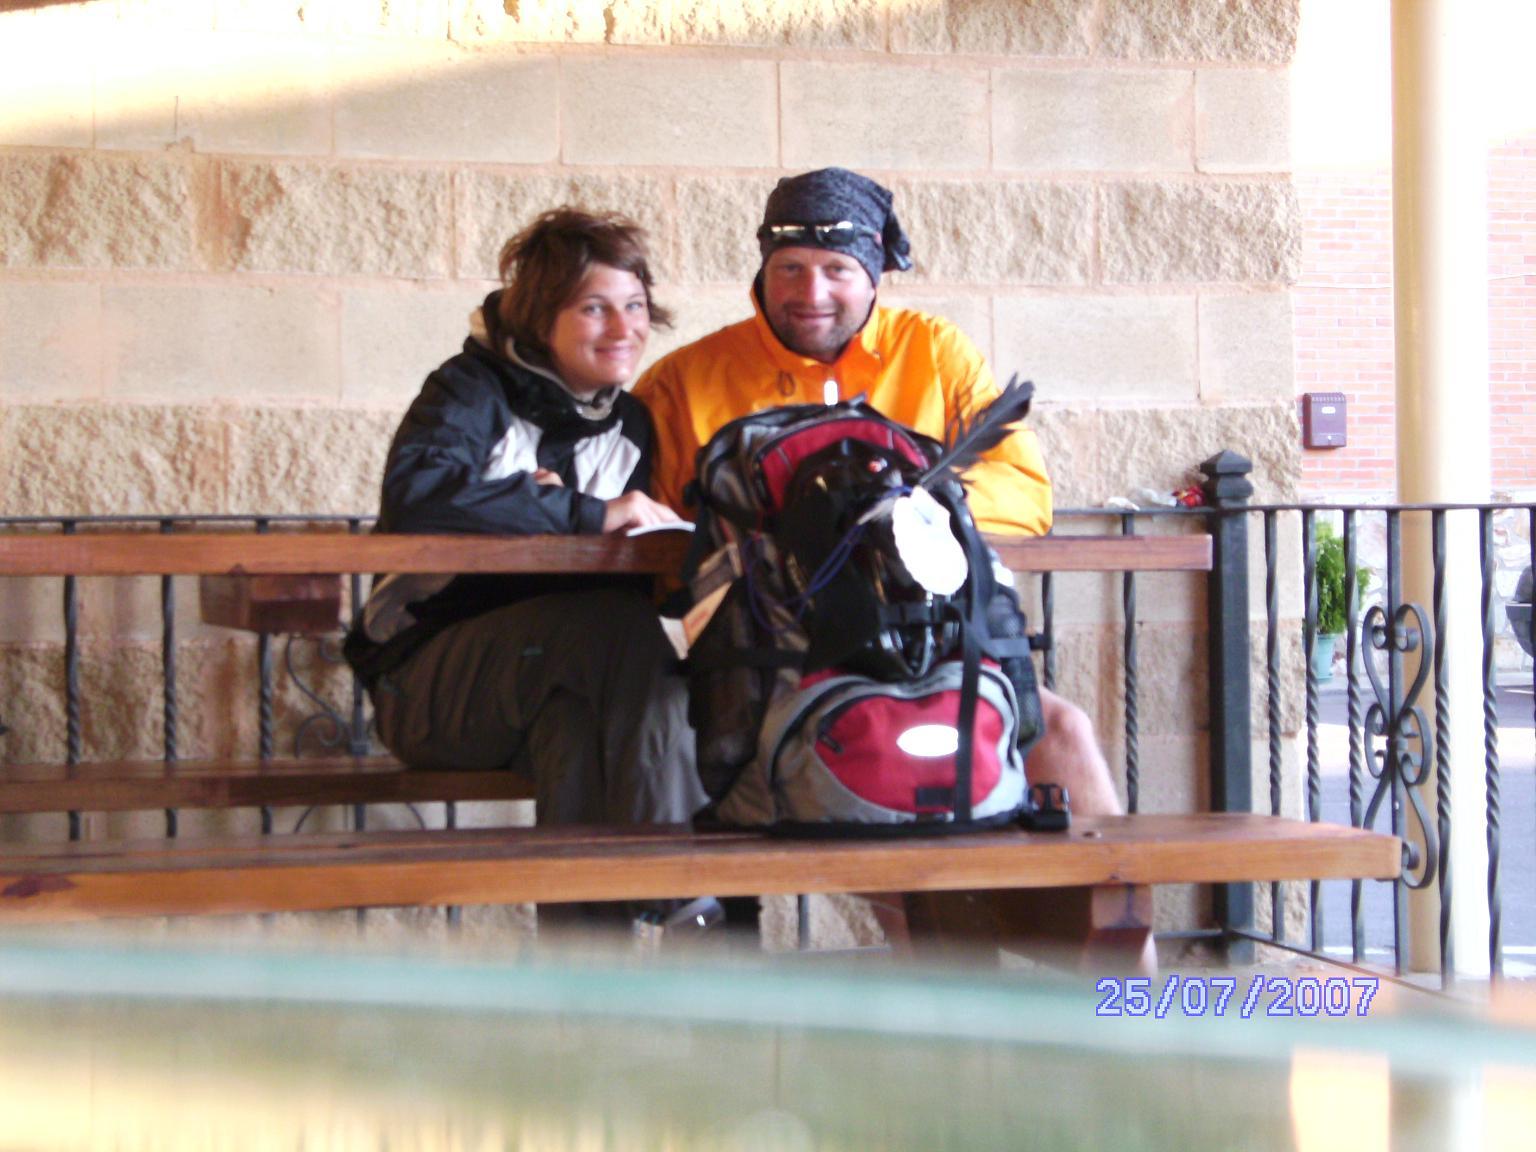 Jacobsweg 2007 mit meiner Nichte